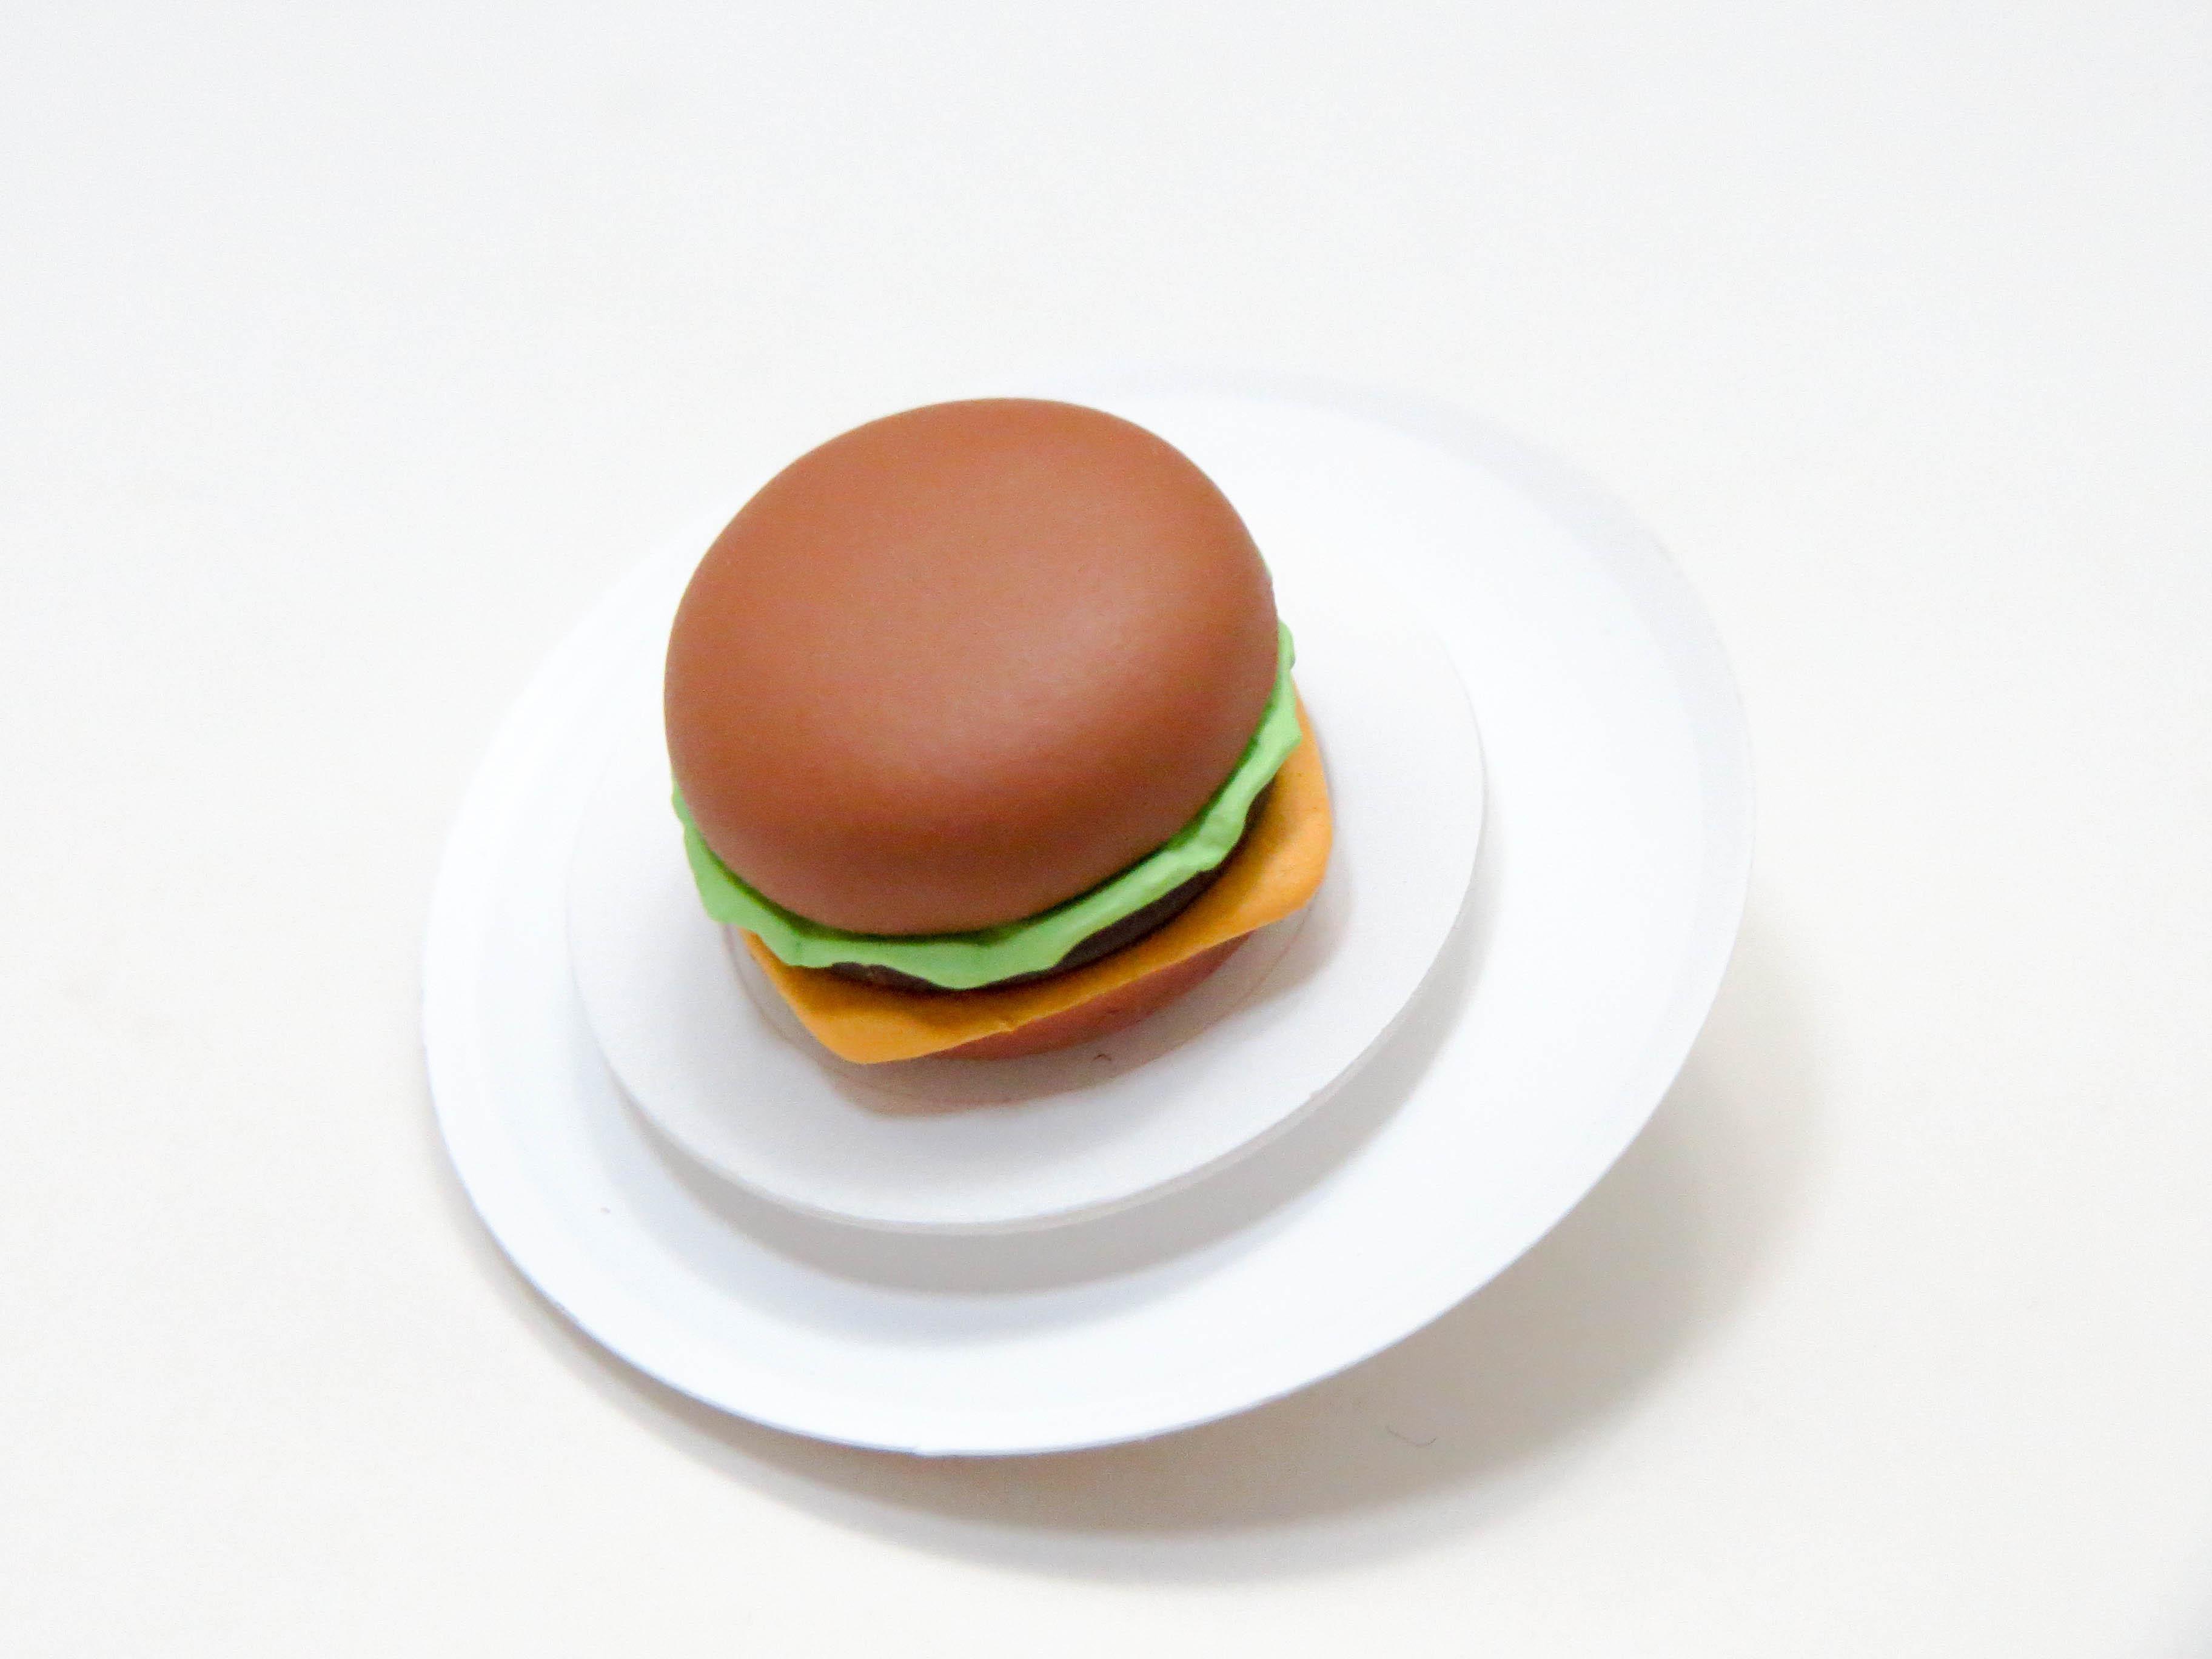 再入荷【322】 水樹奈々 小物パーツ ハンバーガーとお皿とおぼん ねんどろいど